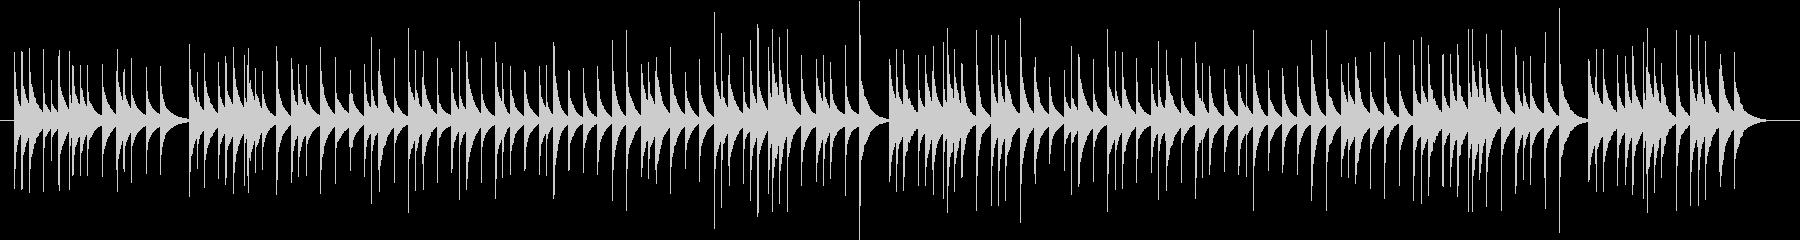 組曲「惑星」より「ジュピター」オルゴールの未再生の波形